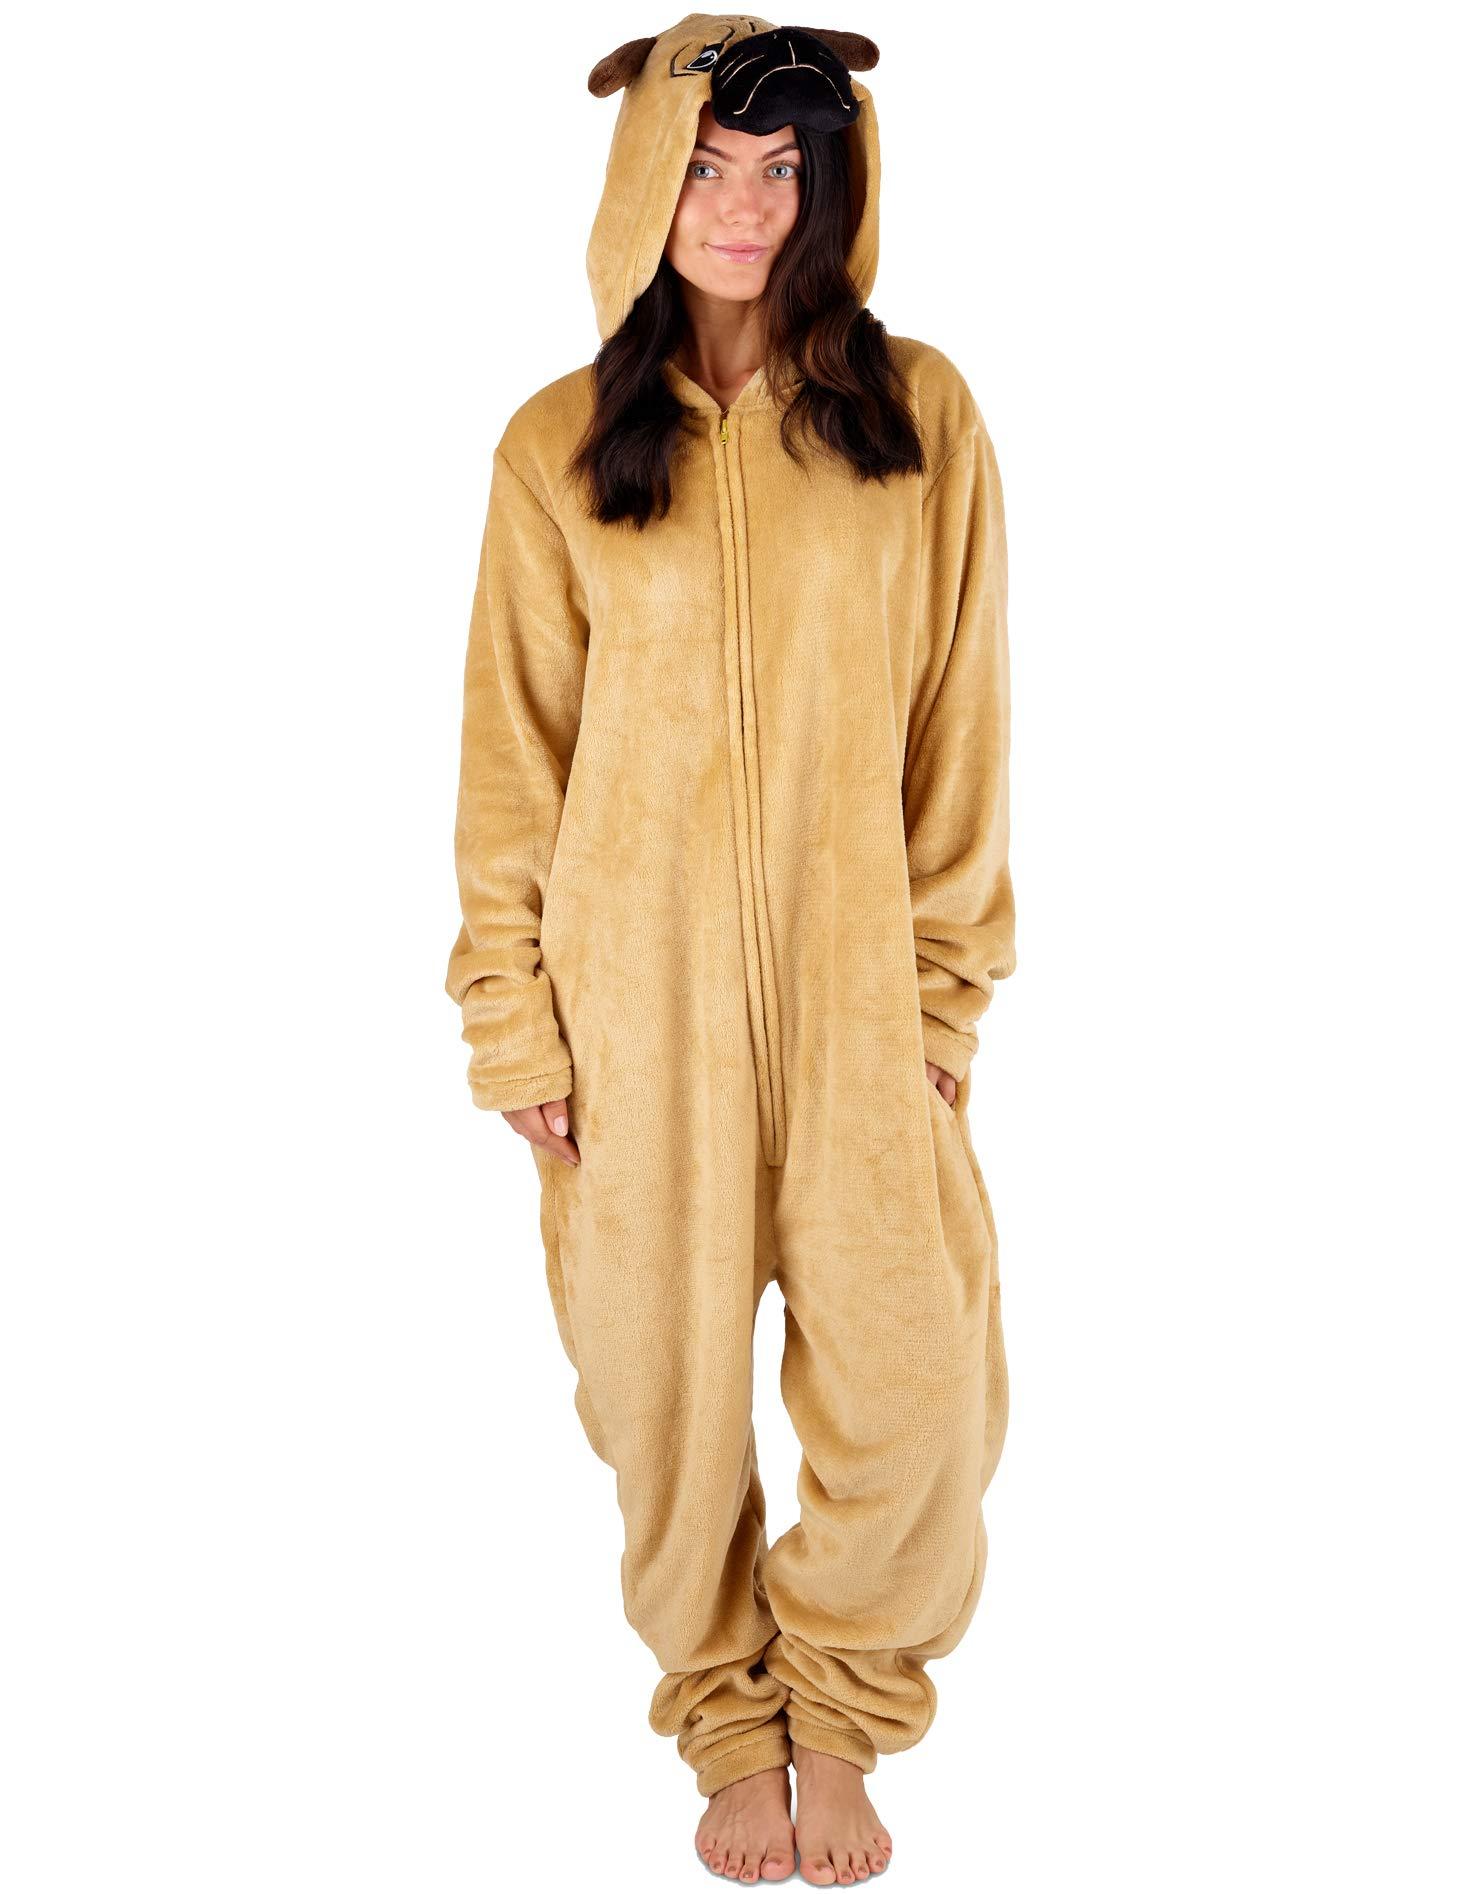 vendita calda online faee8 f6e45 Pigiama Donna Intero Tuta Intera Pigiamone Unicorno Koala Coniglio Cane  Carlino Pinguino Dinosauro Gatto Pigiami Animali Cosplay Costume Animale -  ...